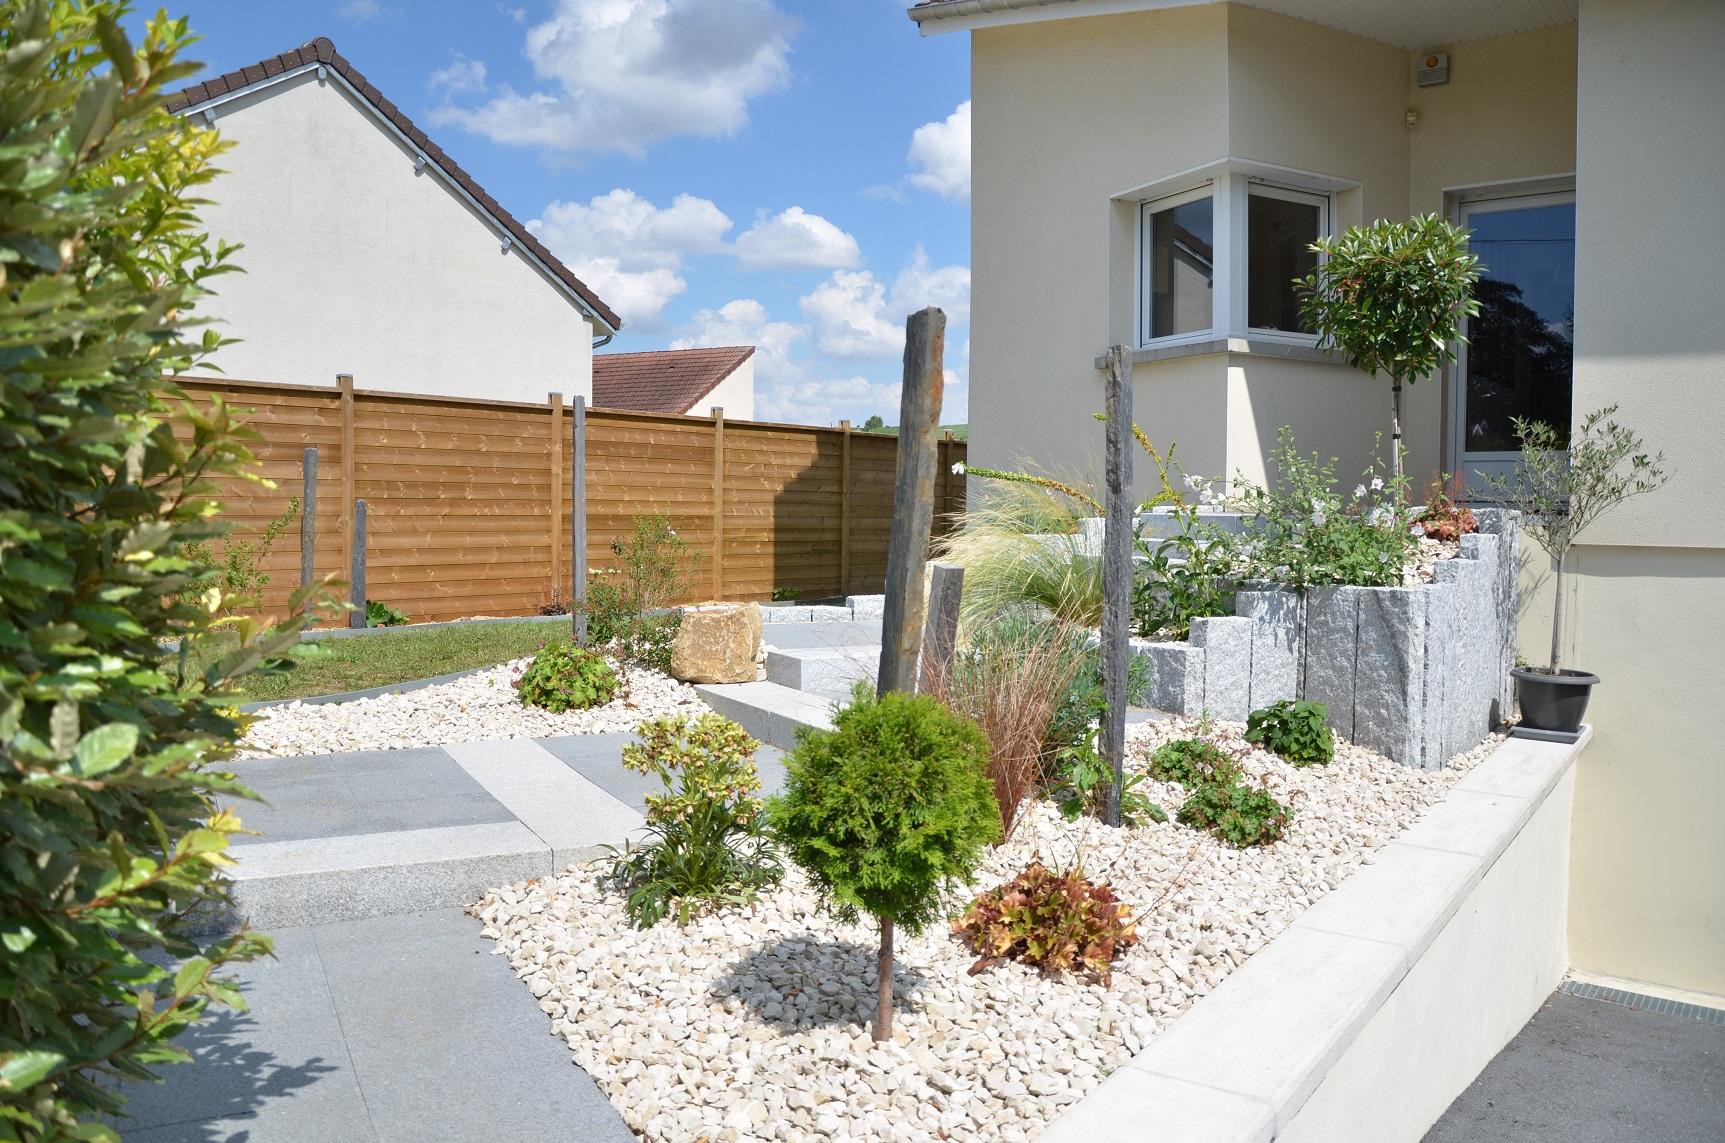 Aménagement Extérieur Entrée Maison allée, accès maison/ garage - fl jardin paysagiste dans la marne